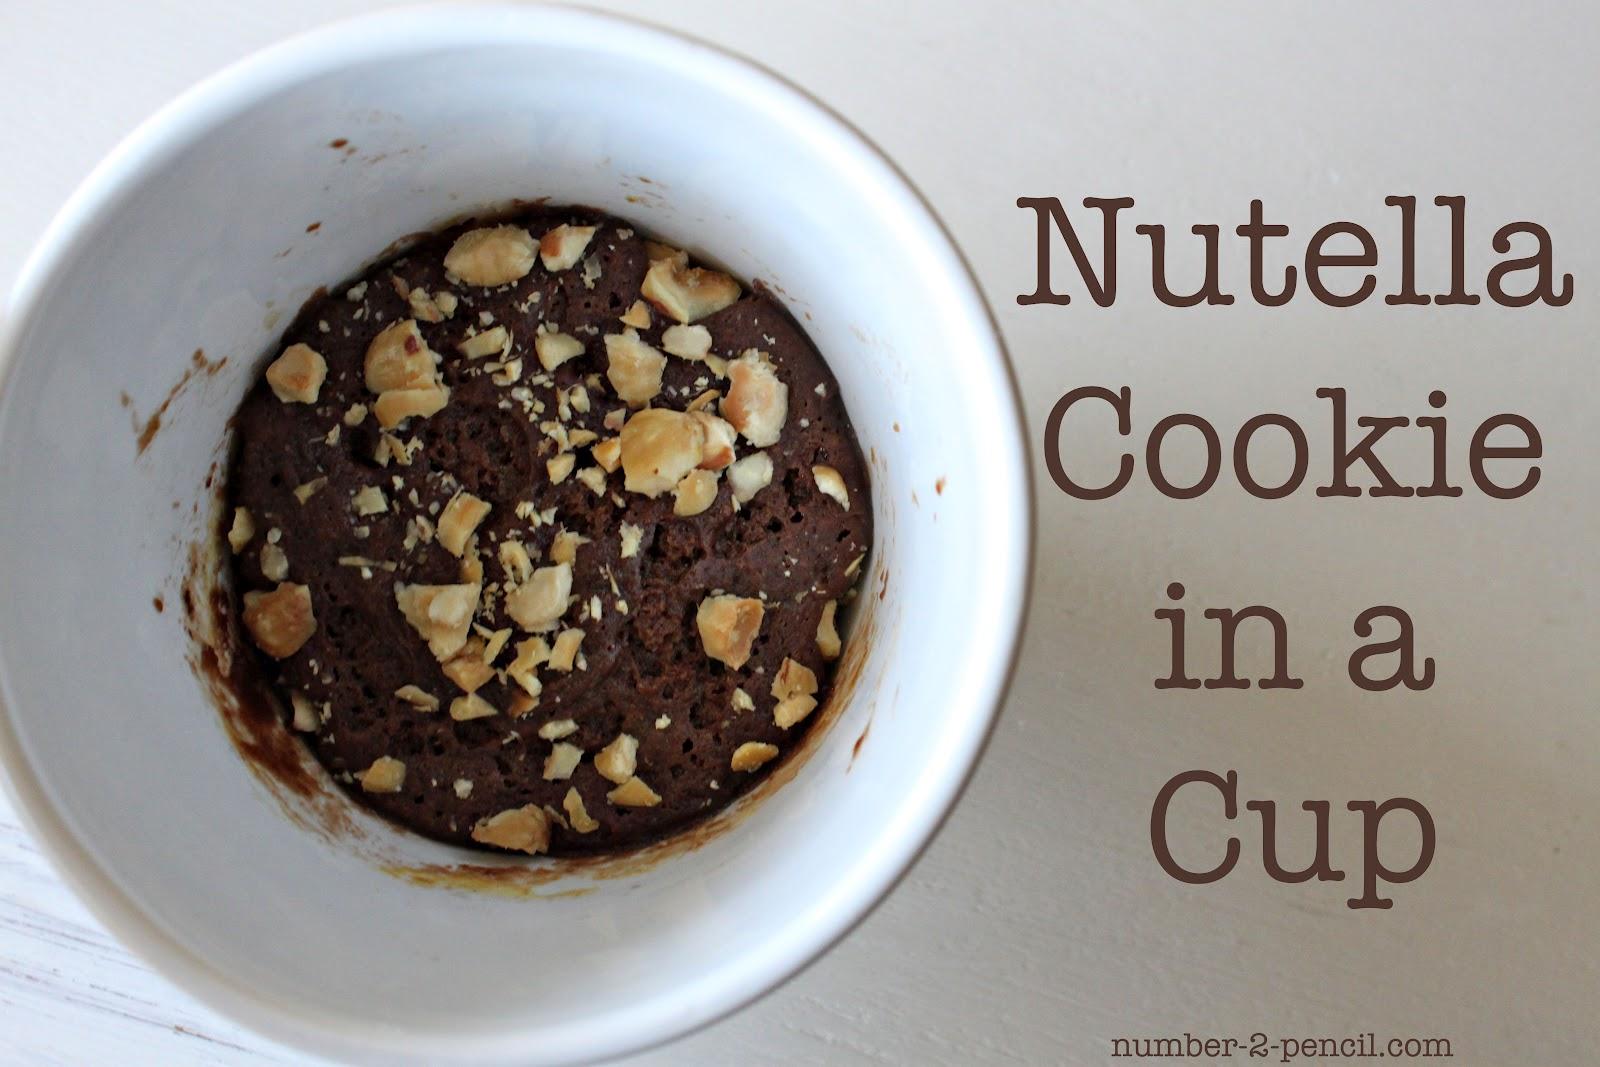 Nutella A Cup In No2 Pencil Cookie SzpGUMqV